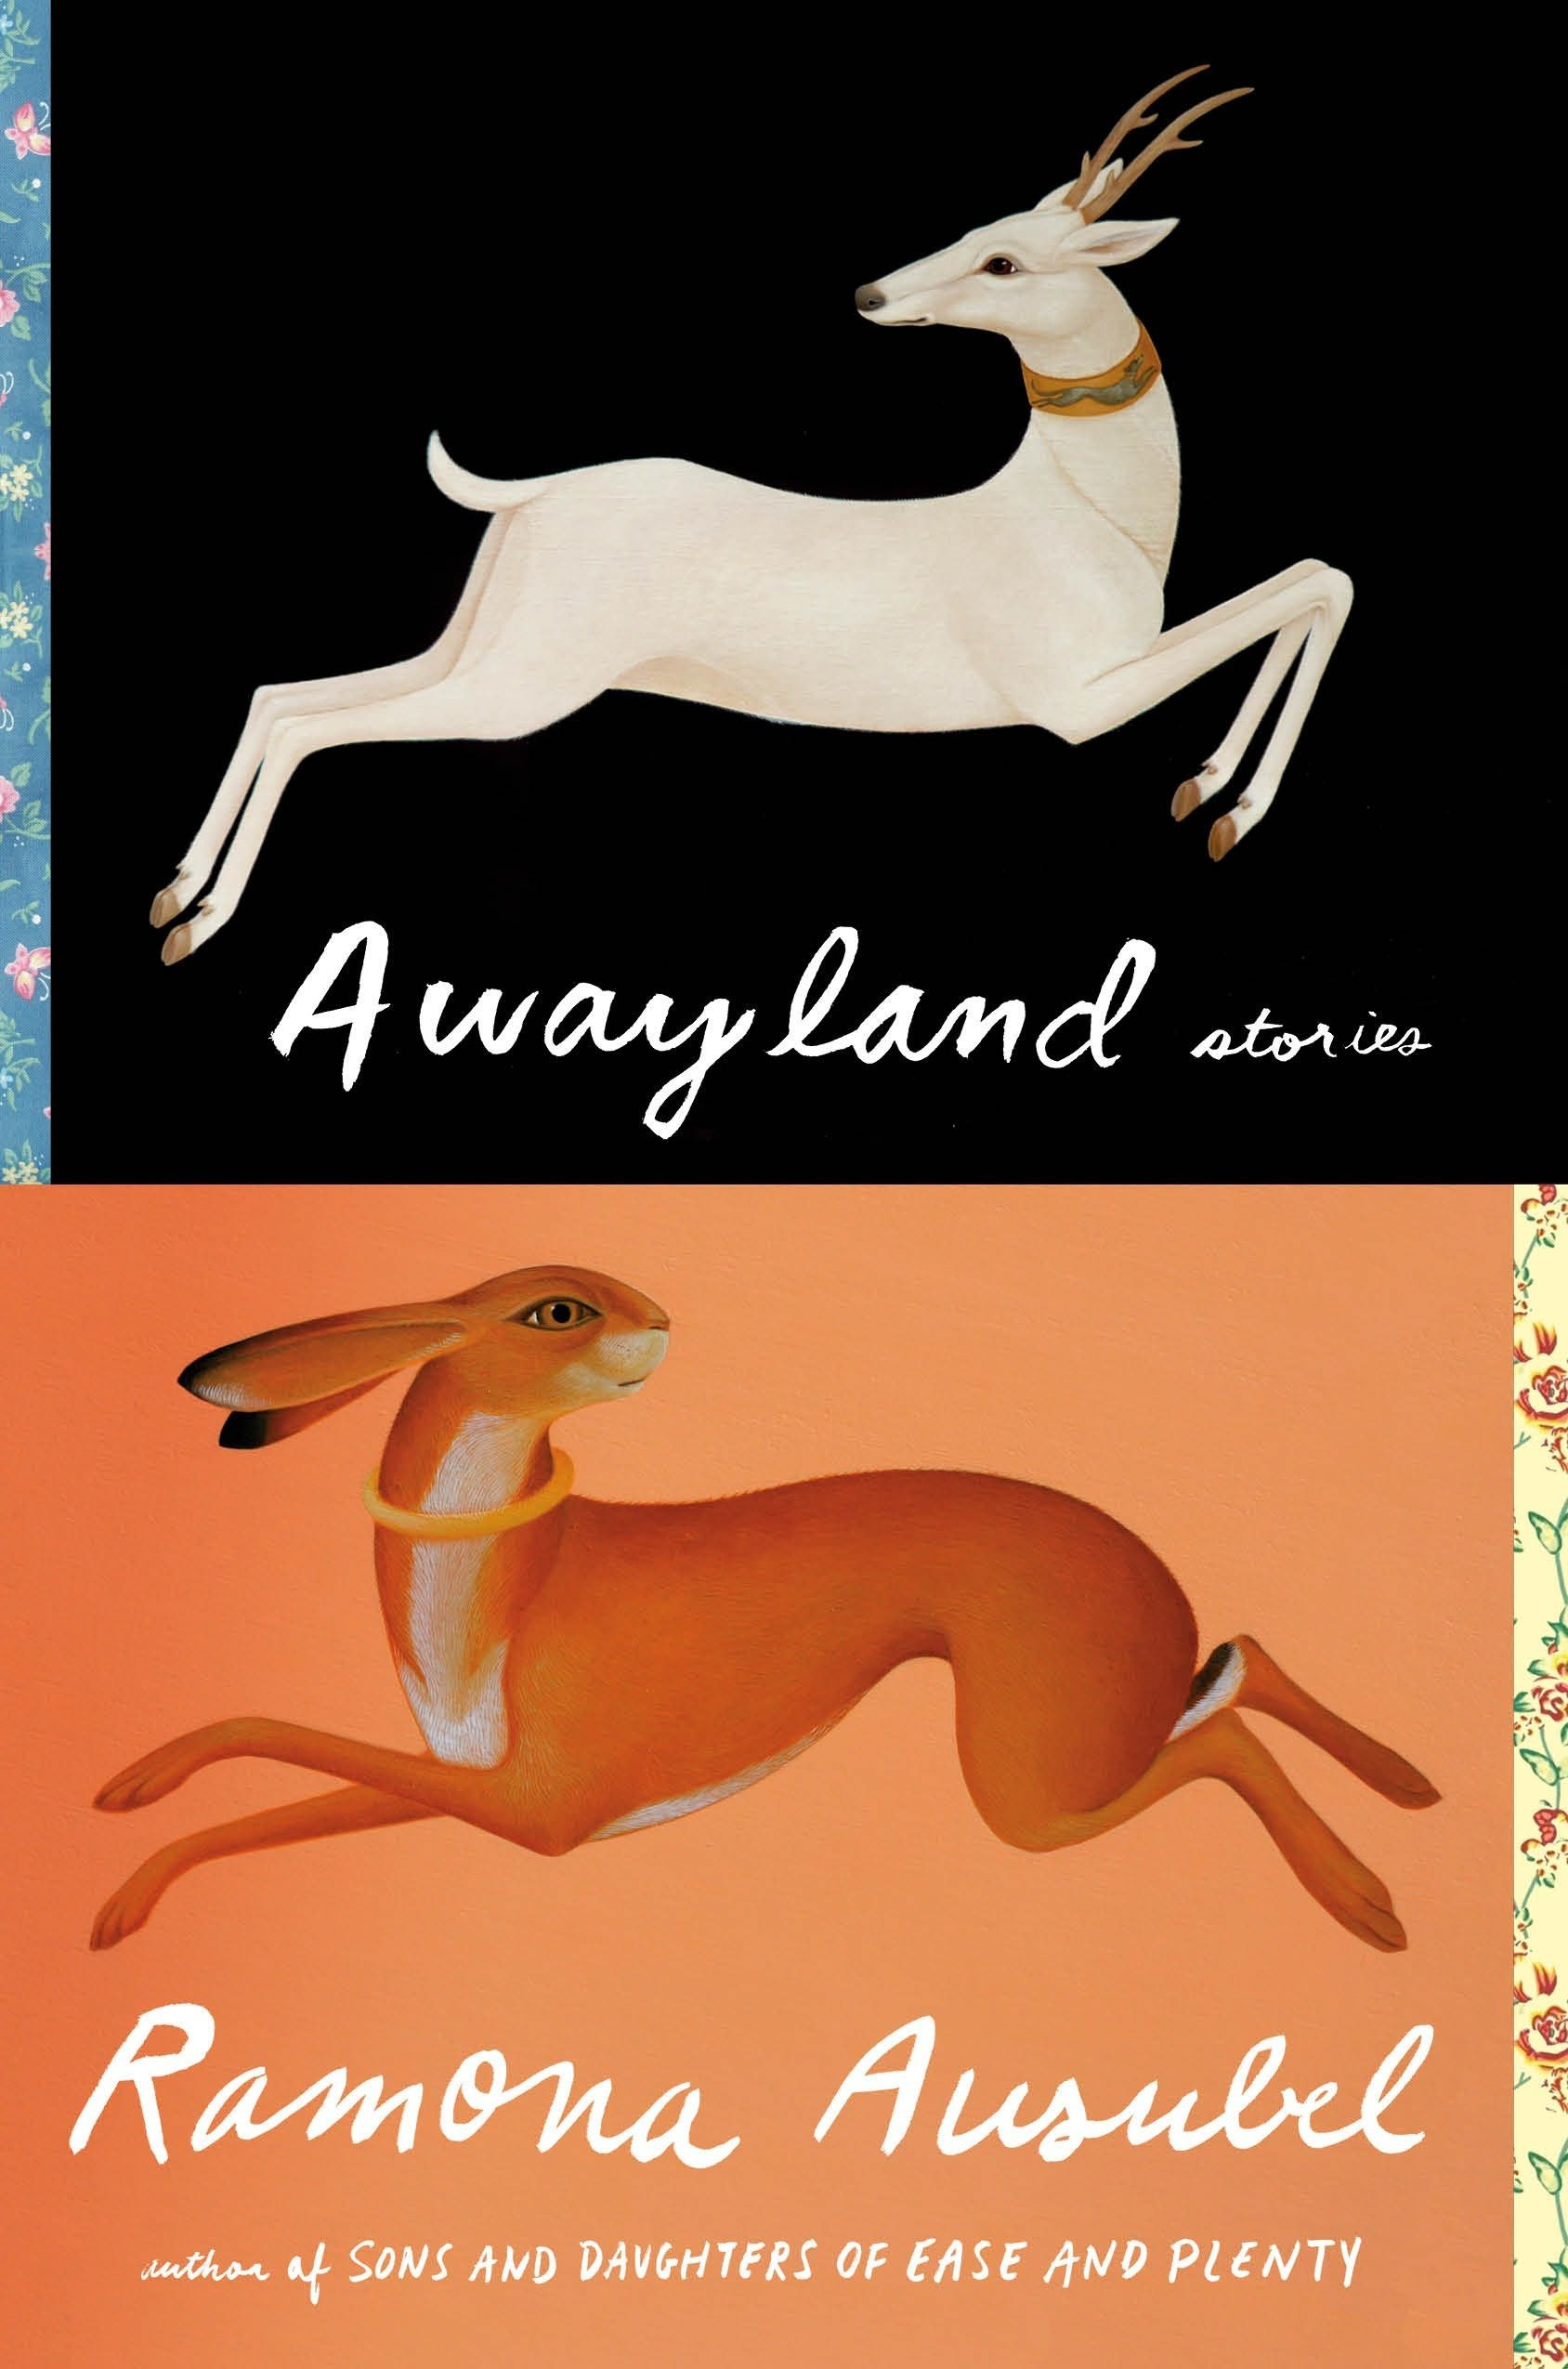 Awayland Stories Ramona Ausubel 9781594634901 Amazon Books